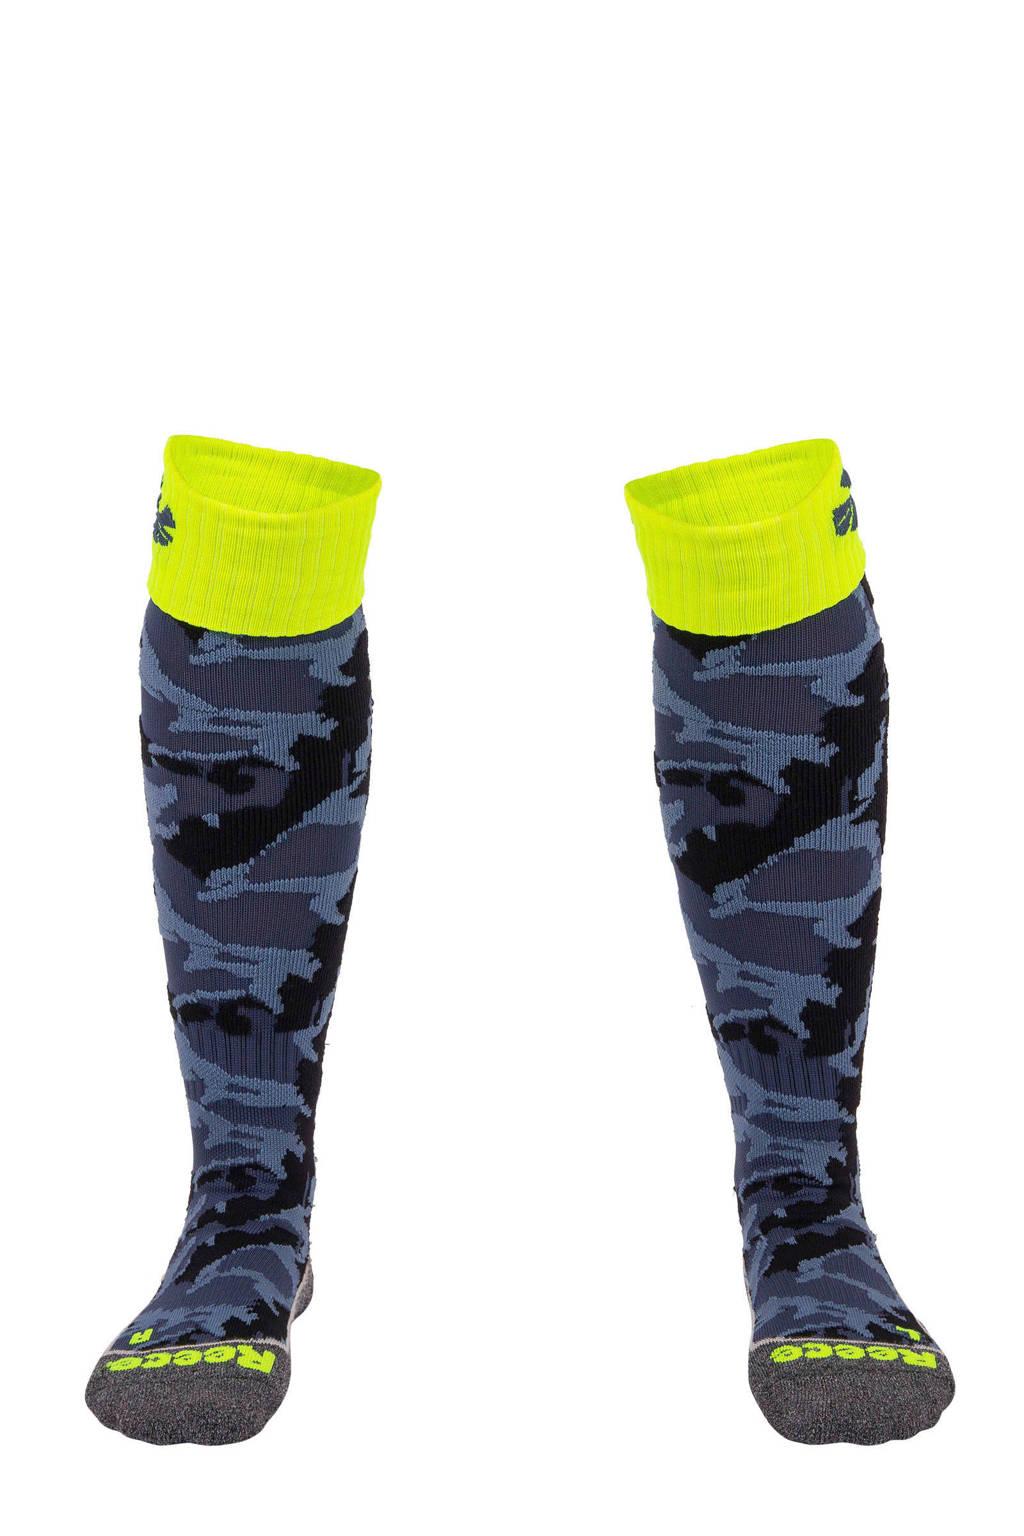 Reece Australia   sportsokken Ashford grijs camouflage, Grijs/zwart/geel